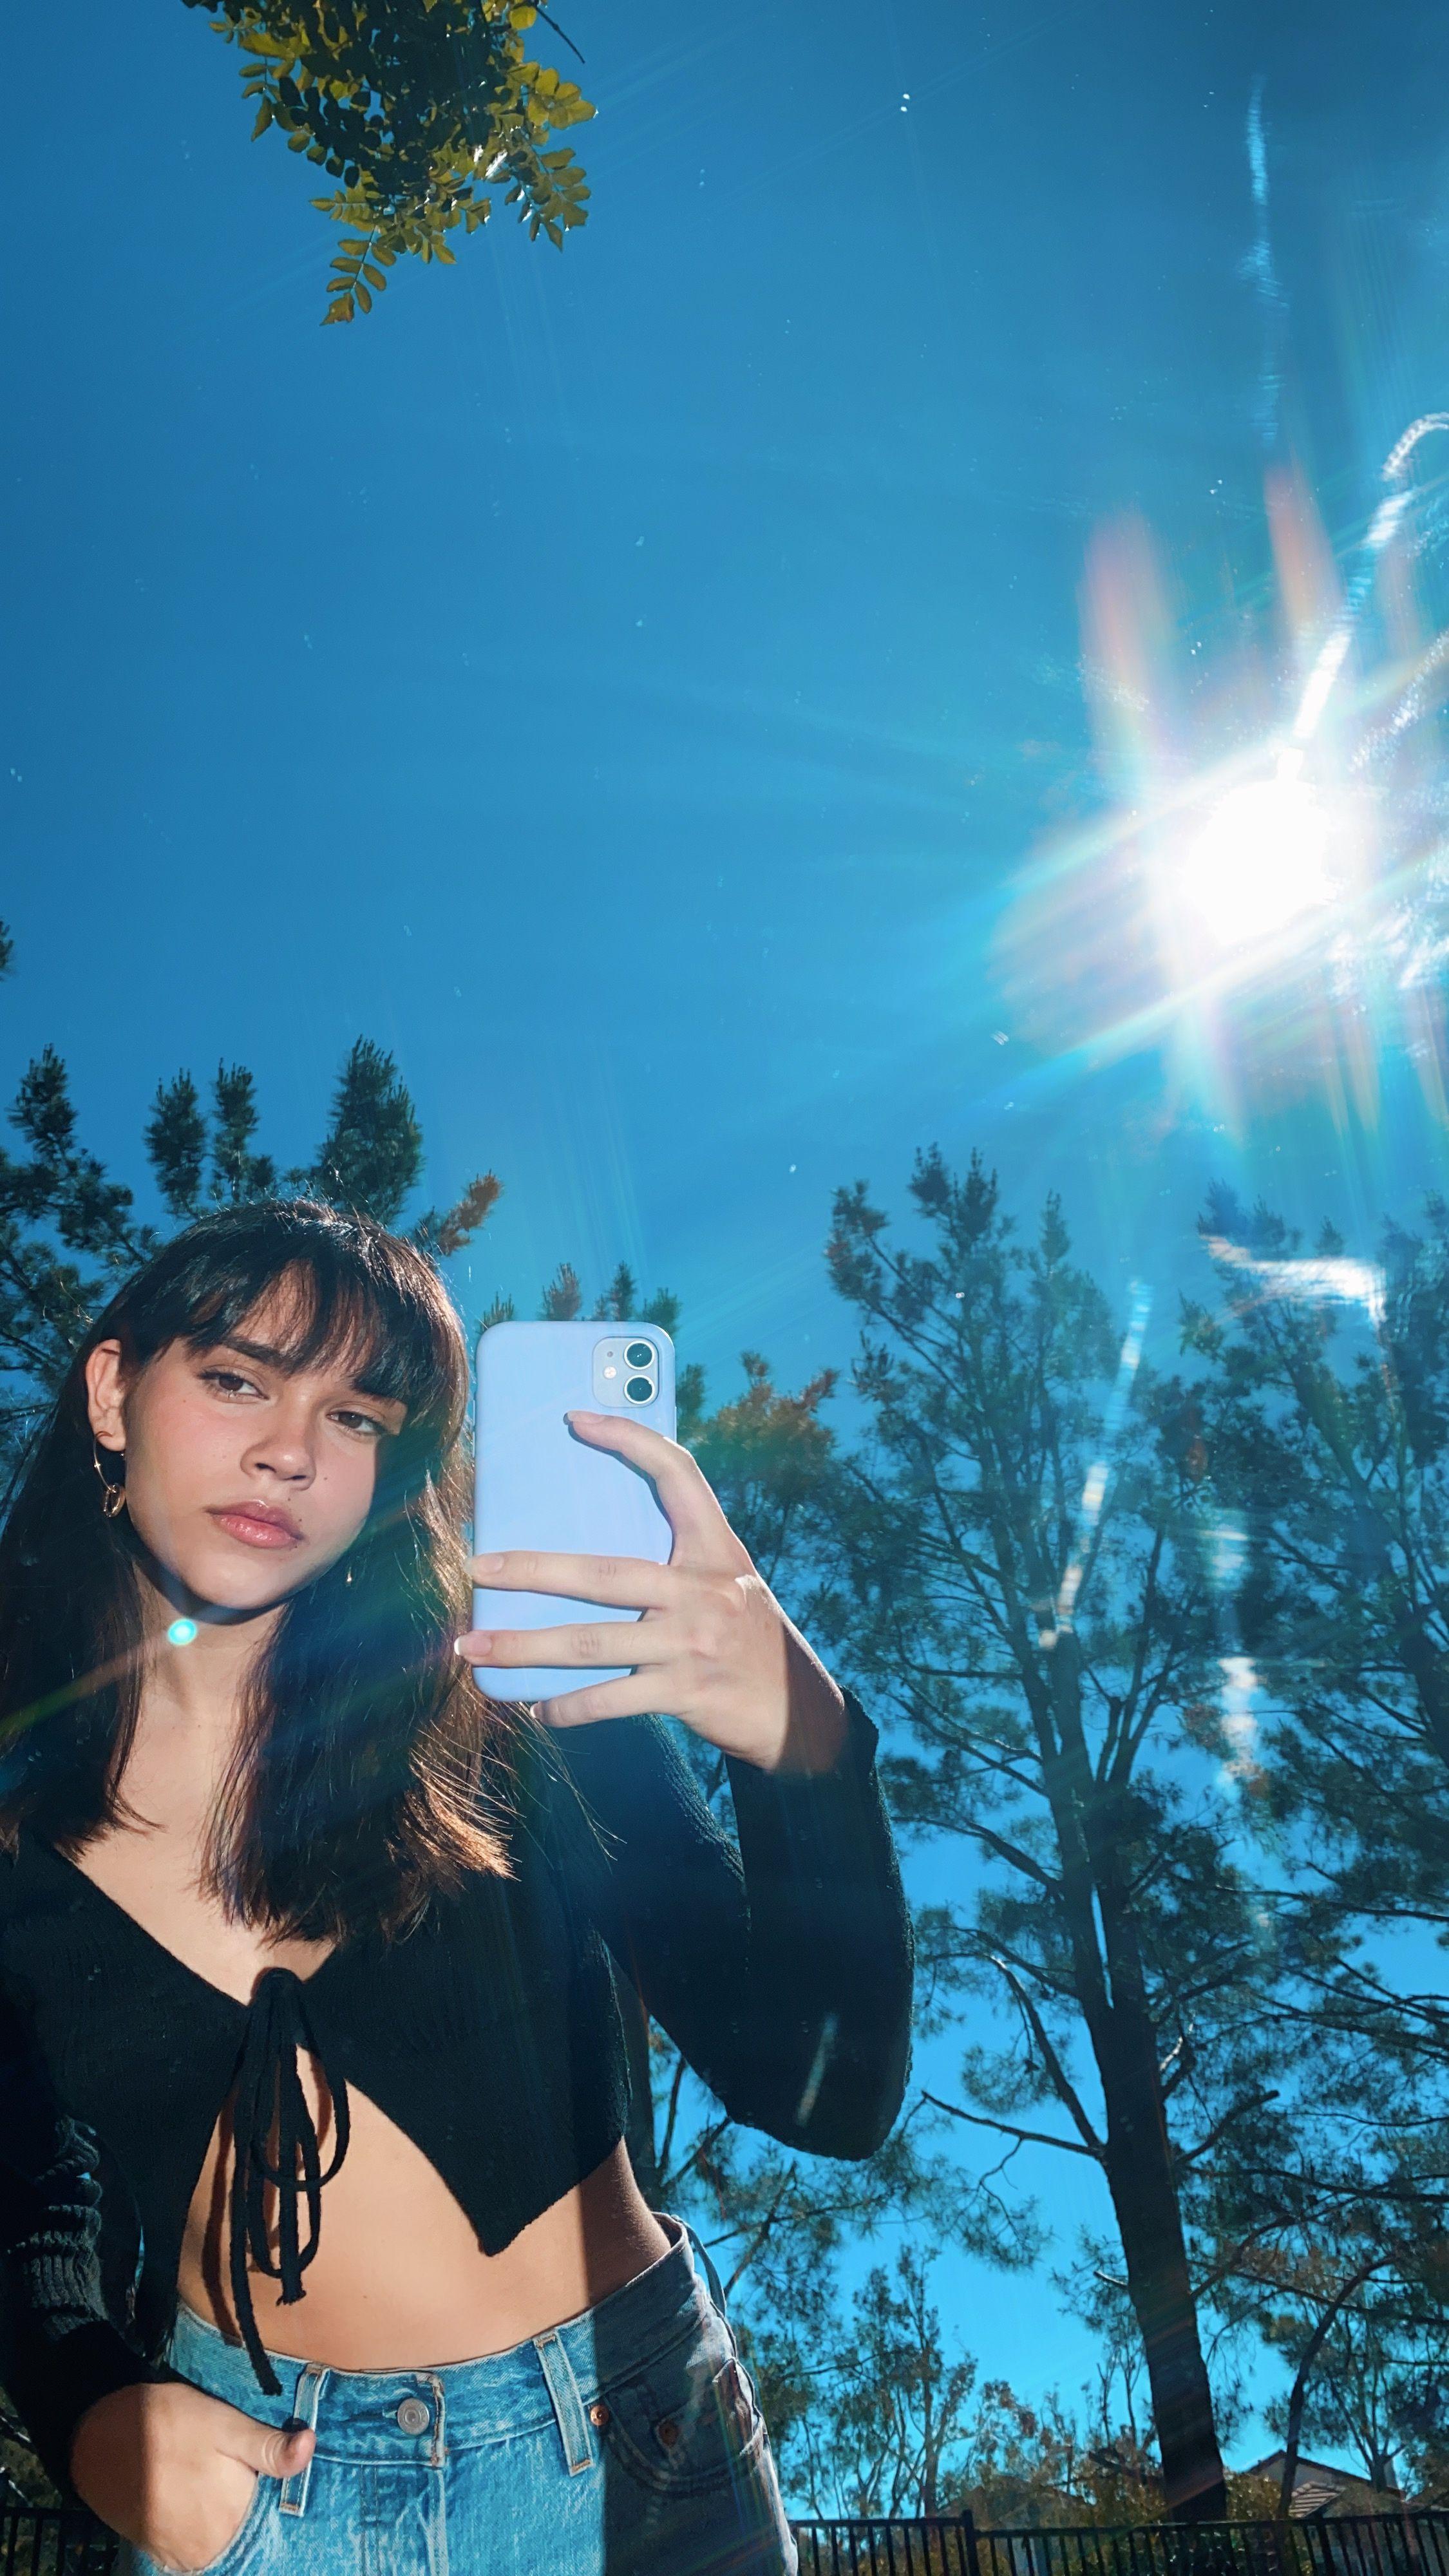 Mirror Selfie Camilasaettone Selfie Poses Mirror Selfie Poses Selfie Poses Instagram